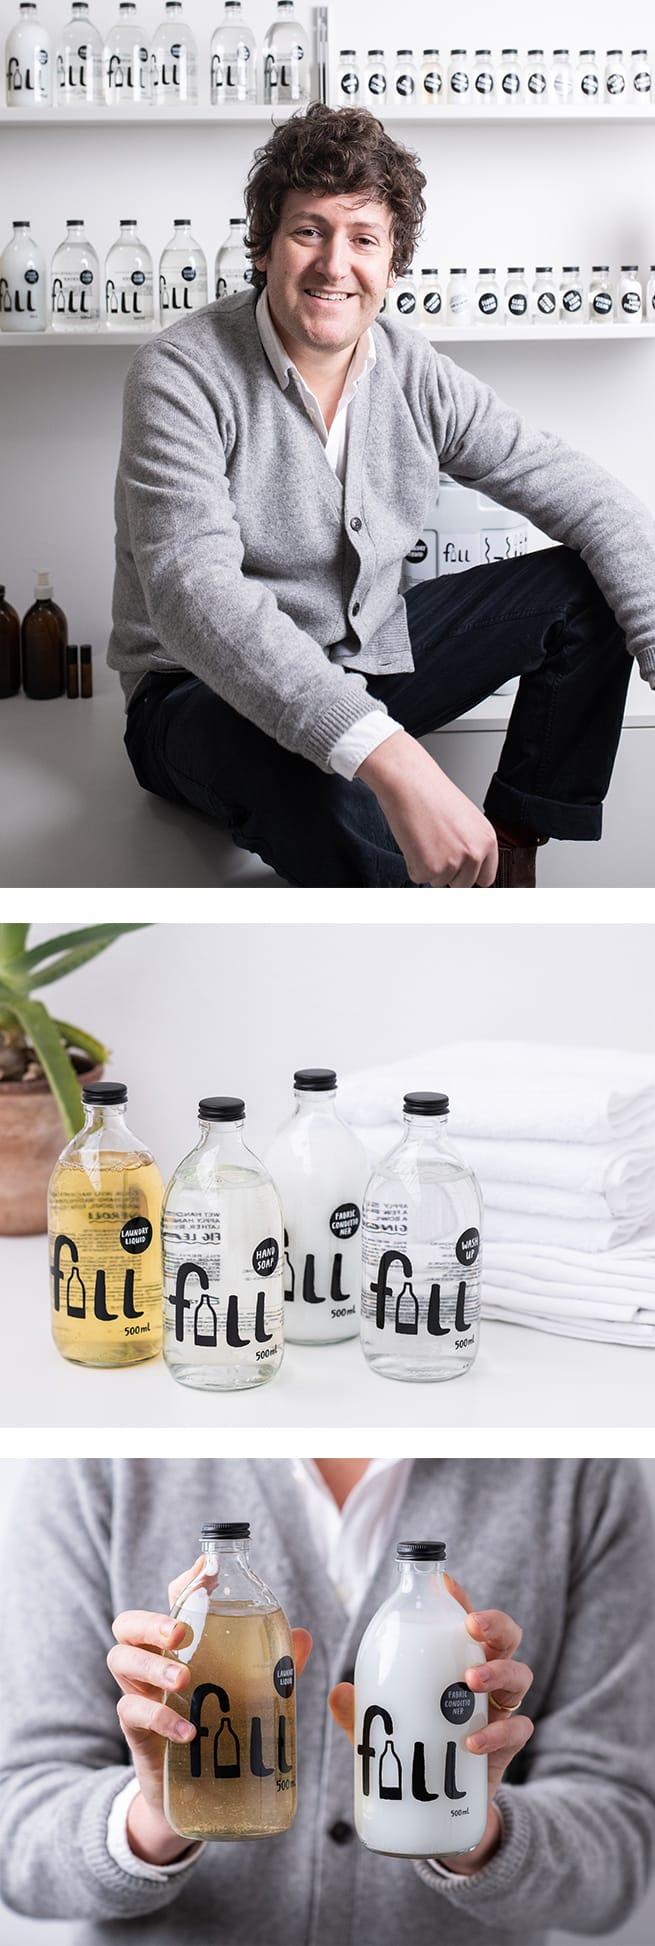 Fill refillable bottles